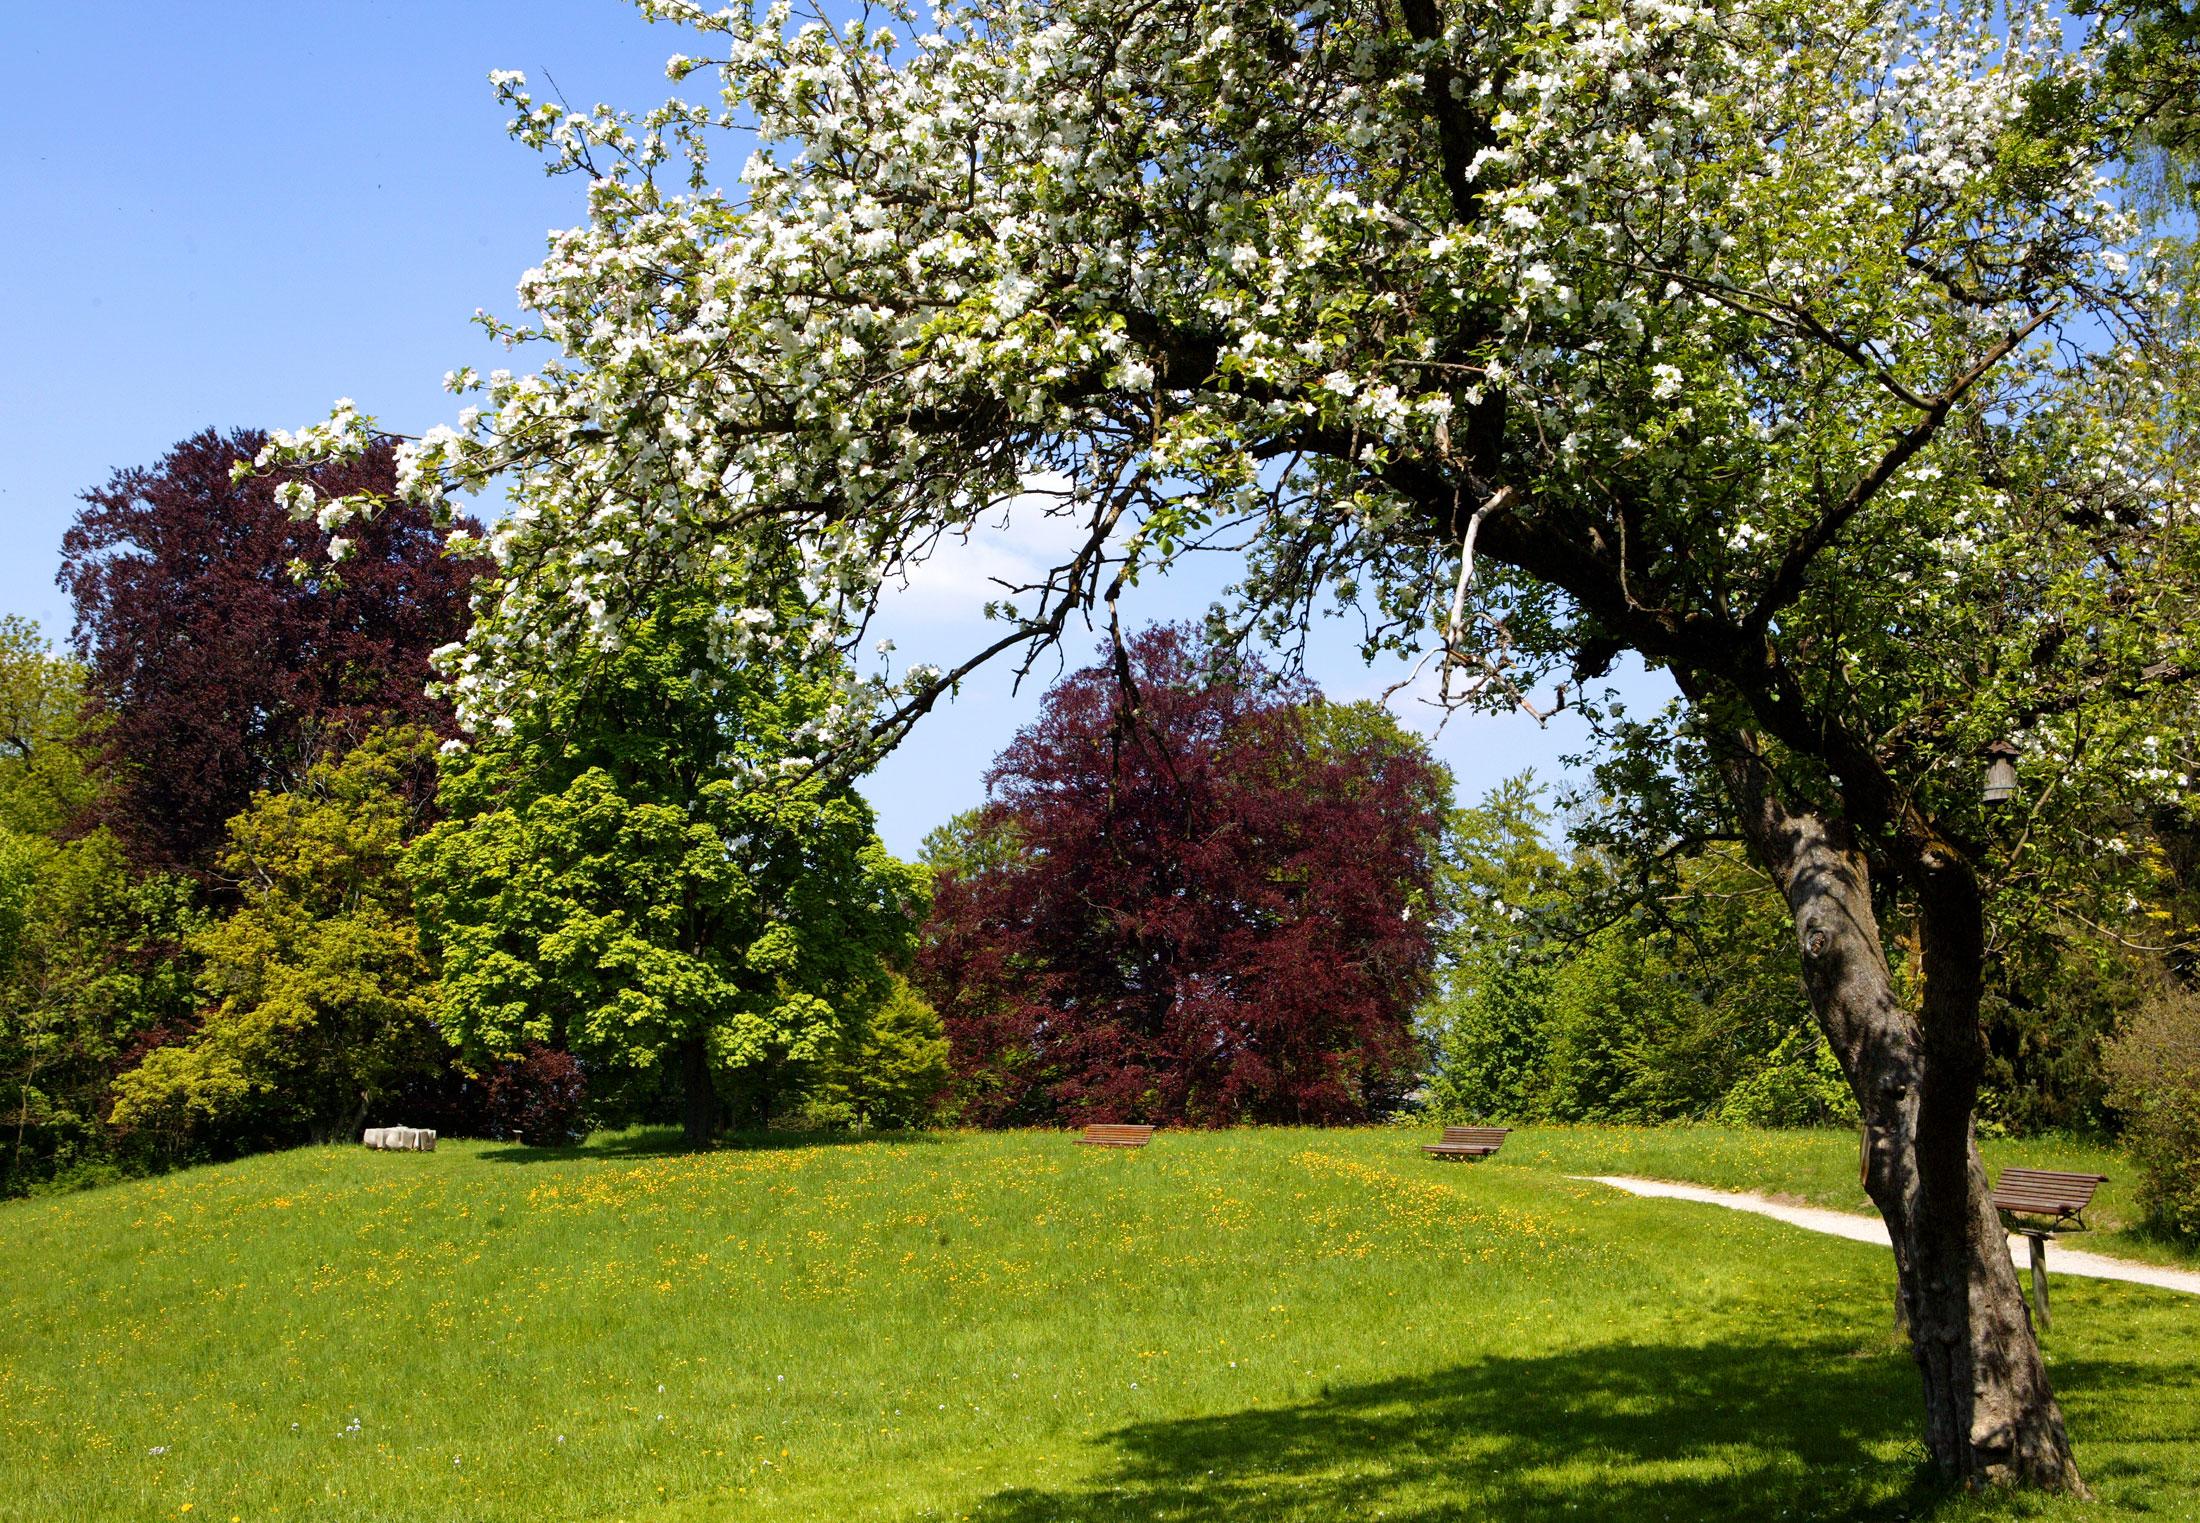 Der 27 Hektar große Hofgarten bietet einen sagenhaften Ausblick über die Stadt und verzaubert mit altem Baumbestand, farbenprächtigen Blumenanlagen, Kräutergarten, sowie mehreren Tiergehegen.